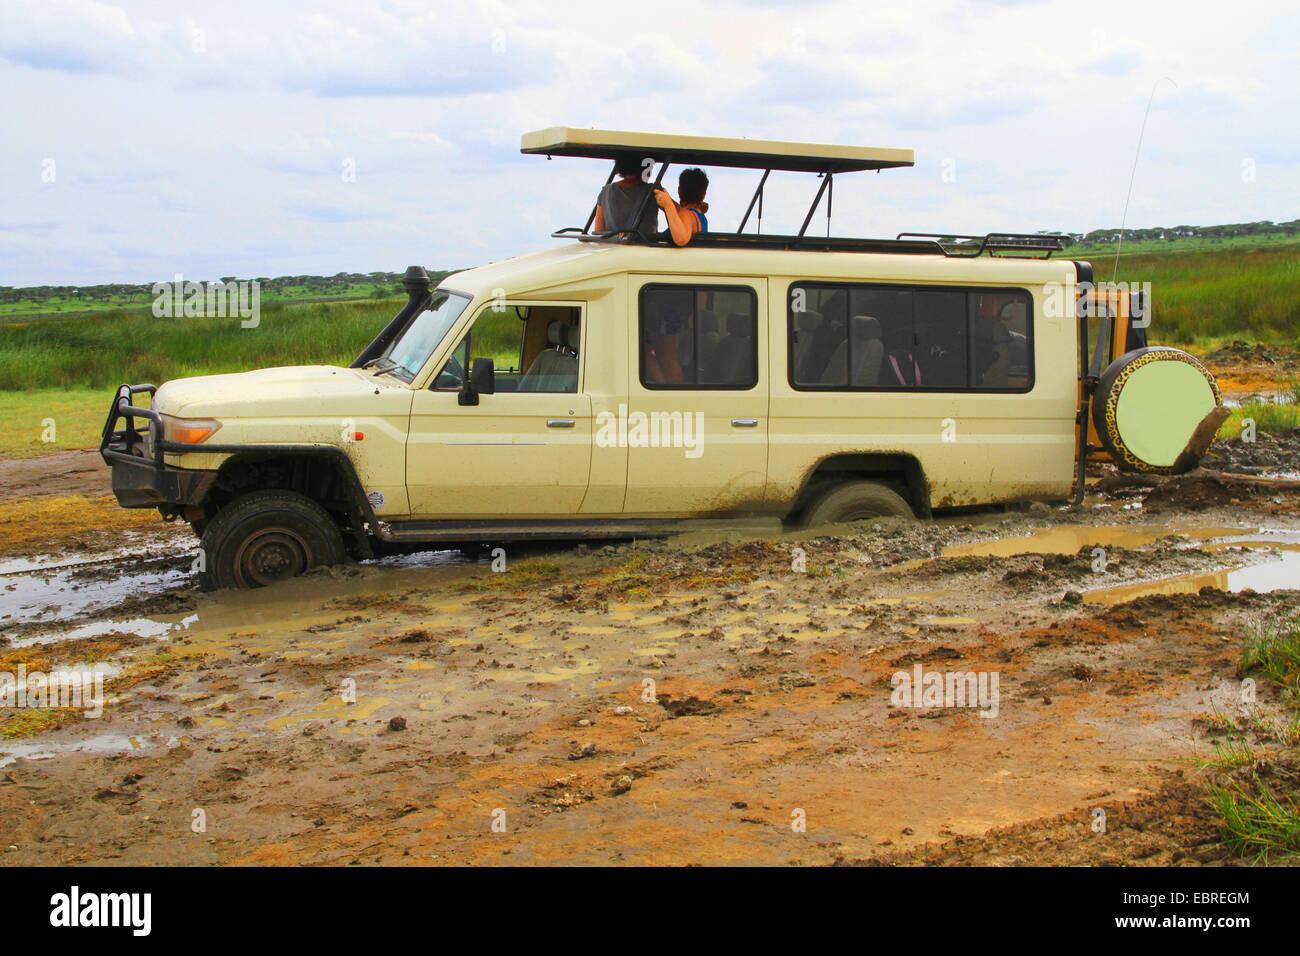 Voiture rapide safari bloqué dans la boue, des touristes en attente d'aide, la Tanzanie, le Parc National Photo Stock